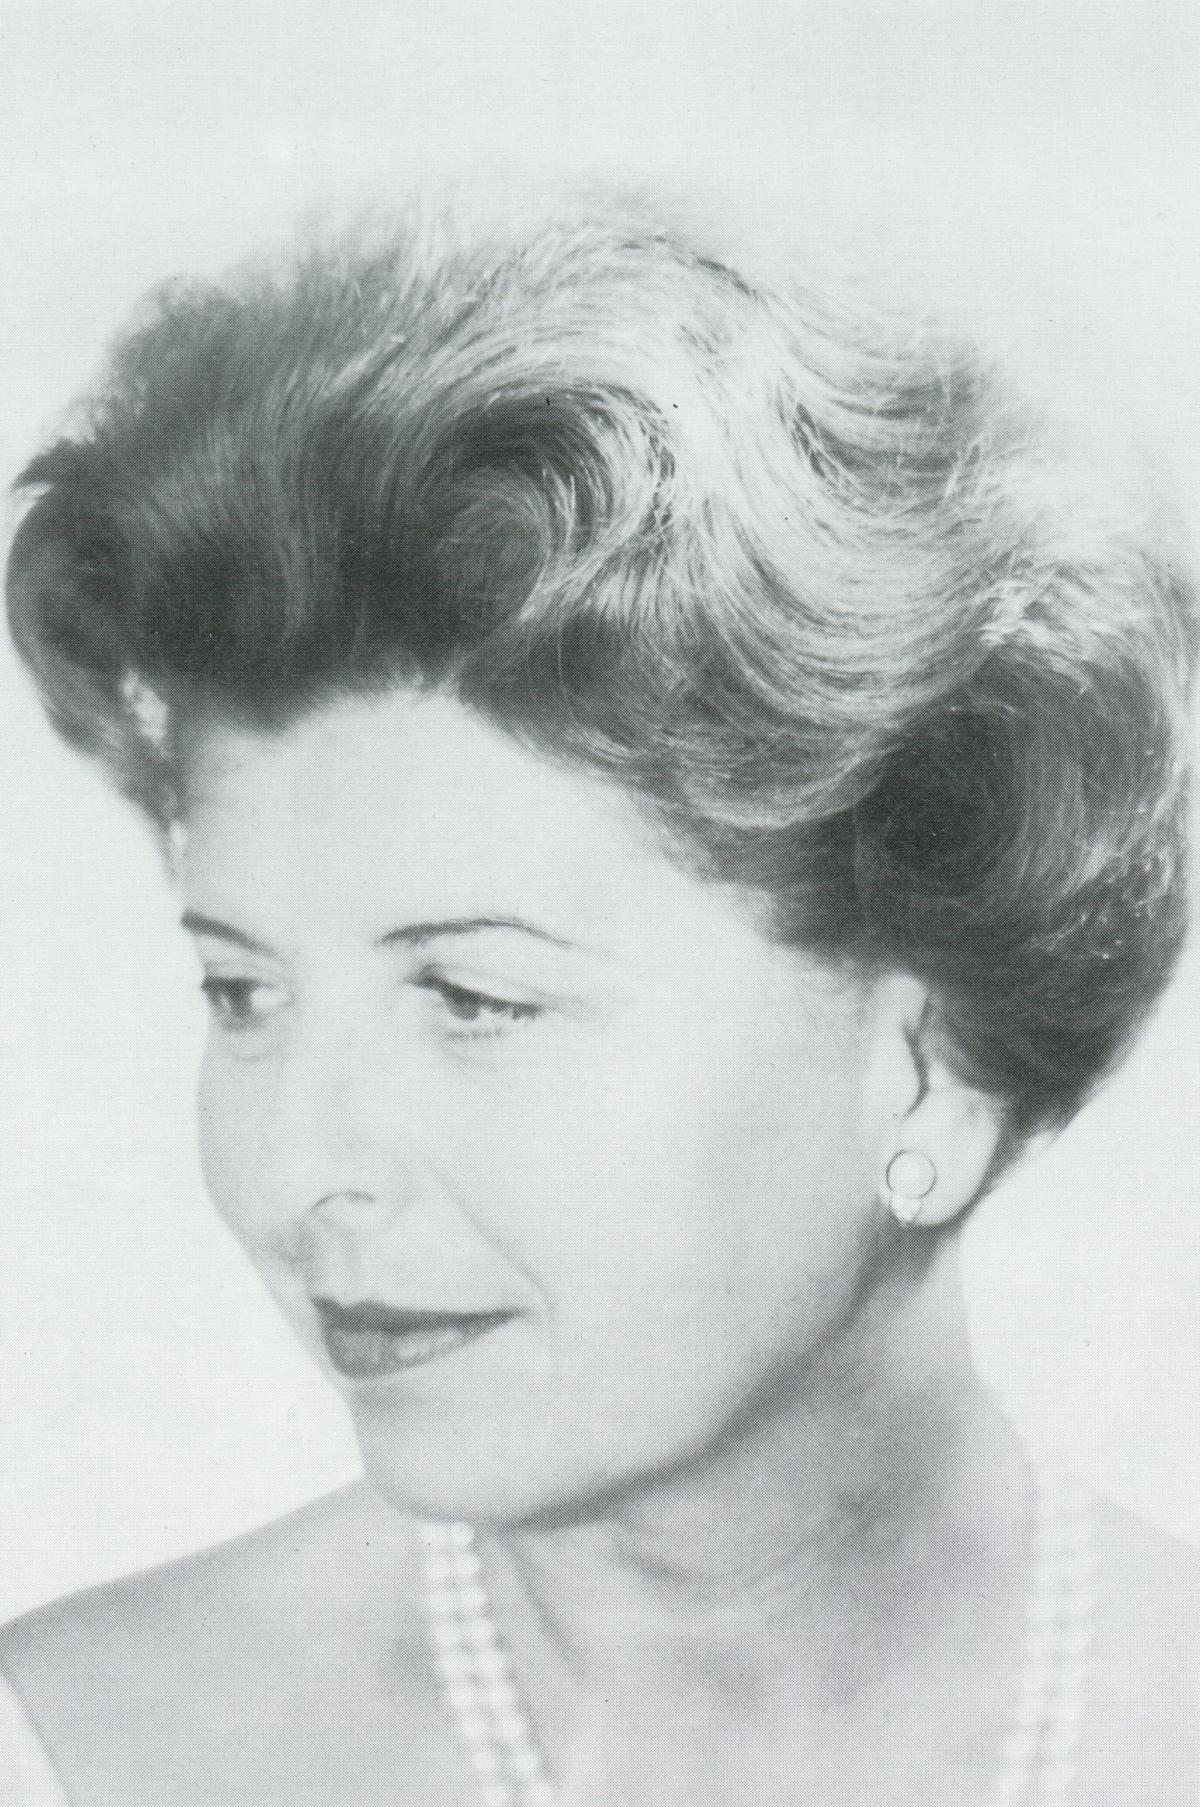 Maria STADER en 1970, cliquer pour une vue agrandie